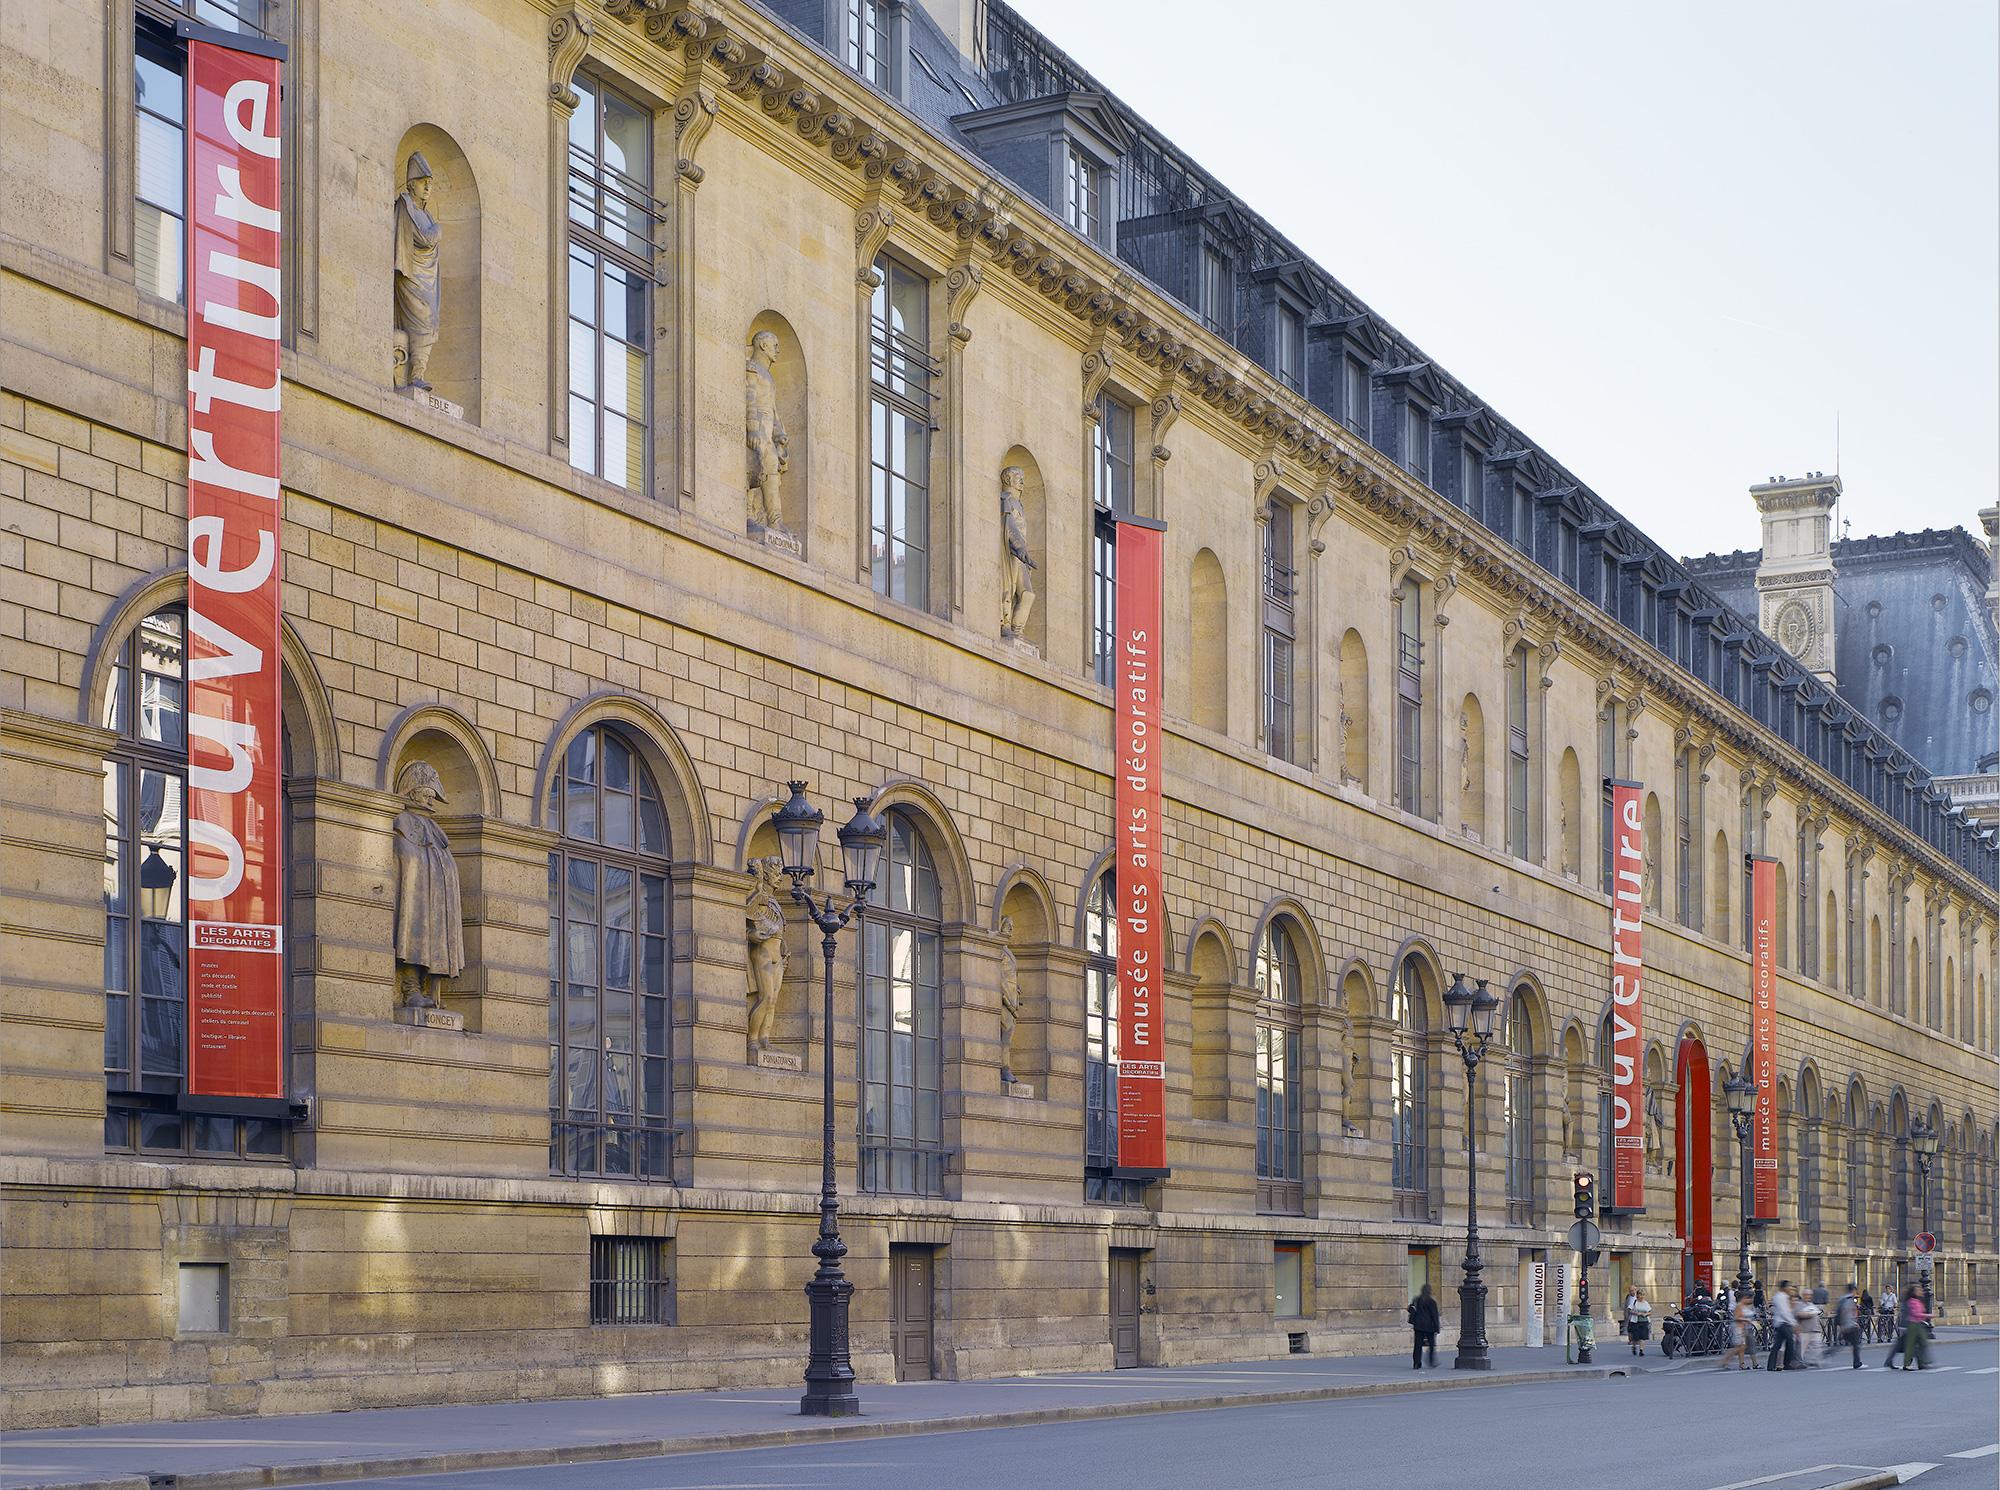 Le Musée qui était alors Les Arts Décoratifs, rue de Rivoli à Paris, sera désormais MAD